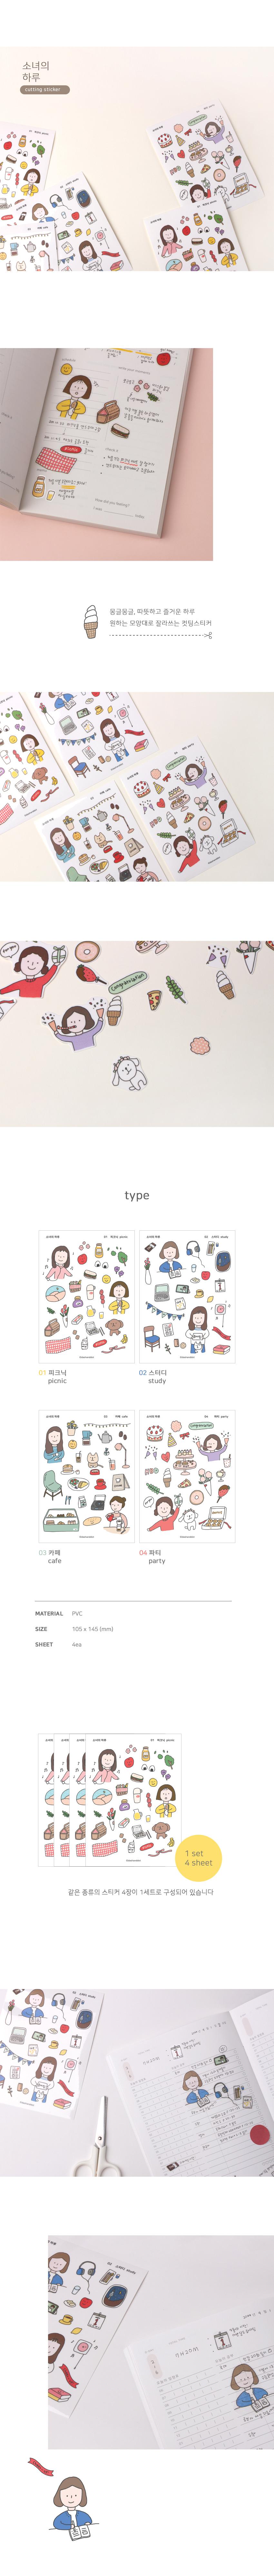 소녀의 하루 - 컷팅 스티커 - 대시앤도트, 1,900원, 스티커, 디자인스티커